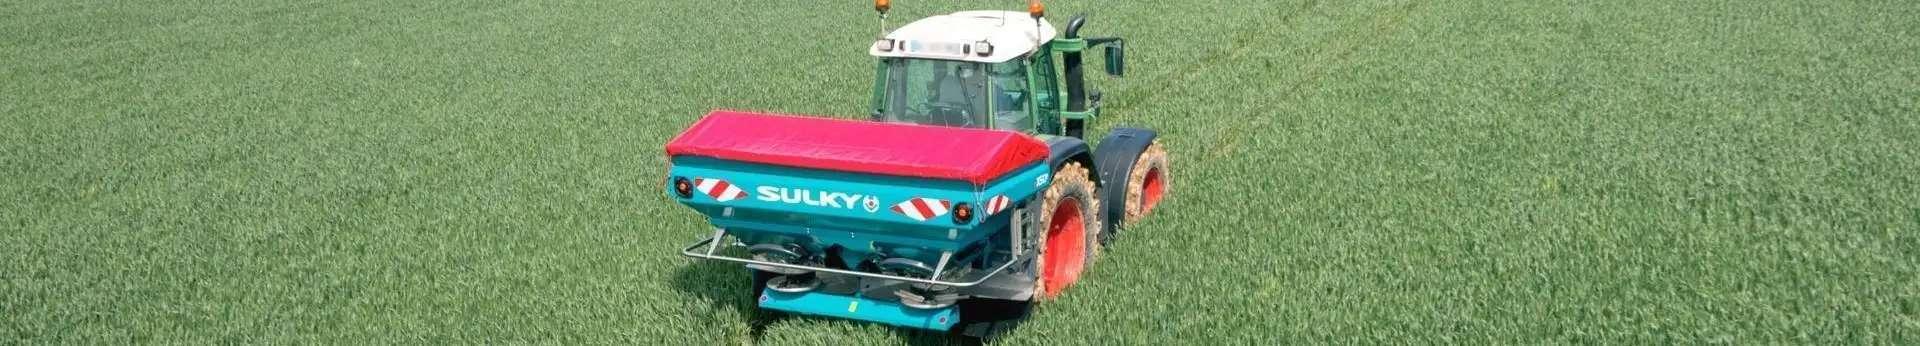 Rozsiewacz nawozó SULKY z ciągnikiem rolniczym